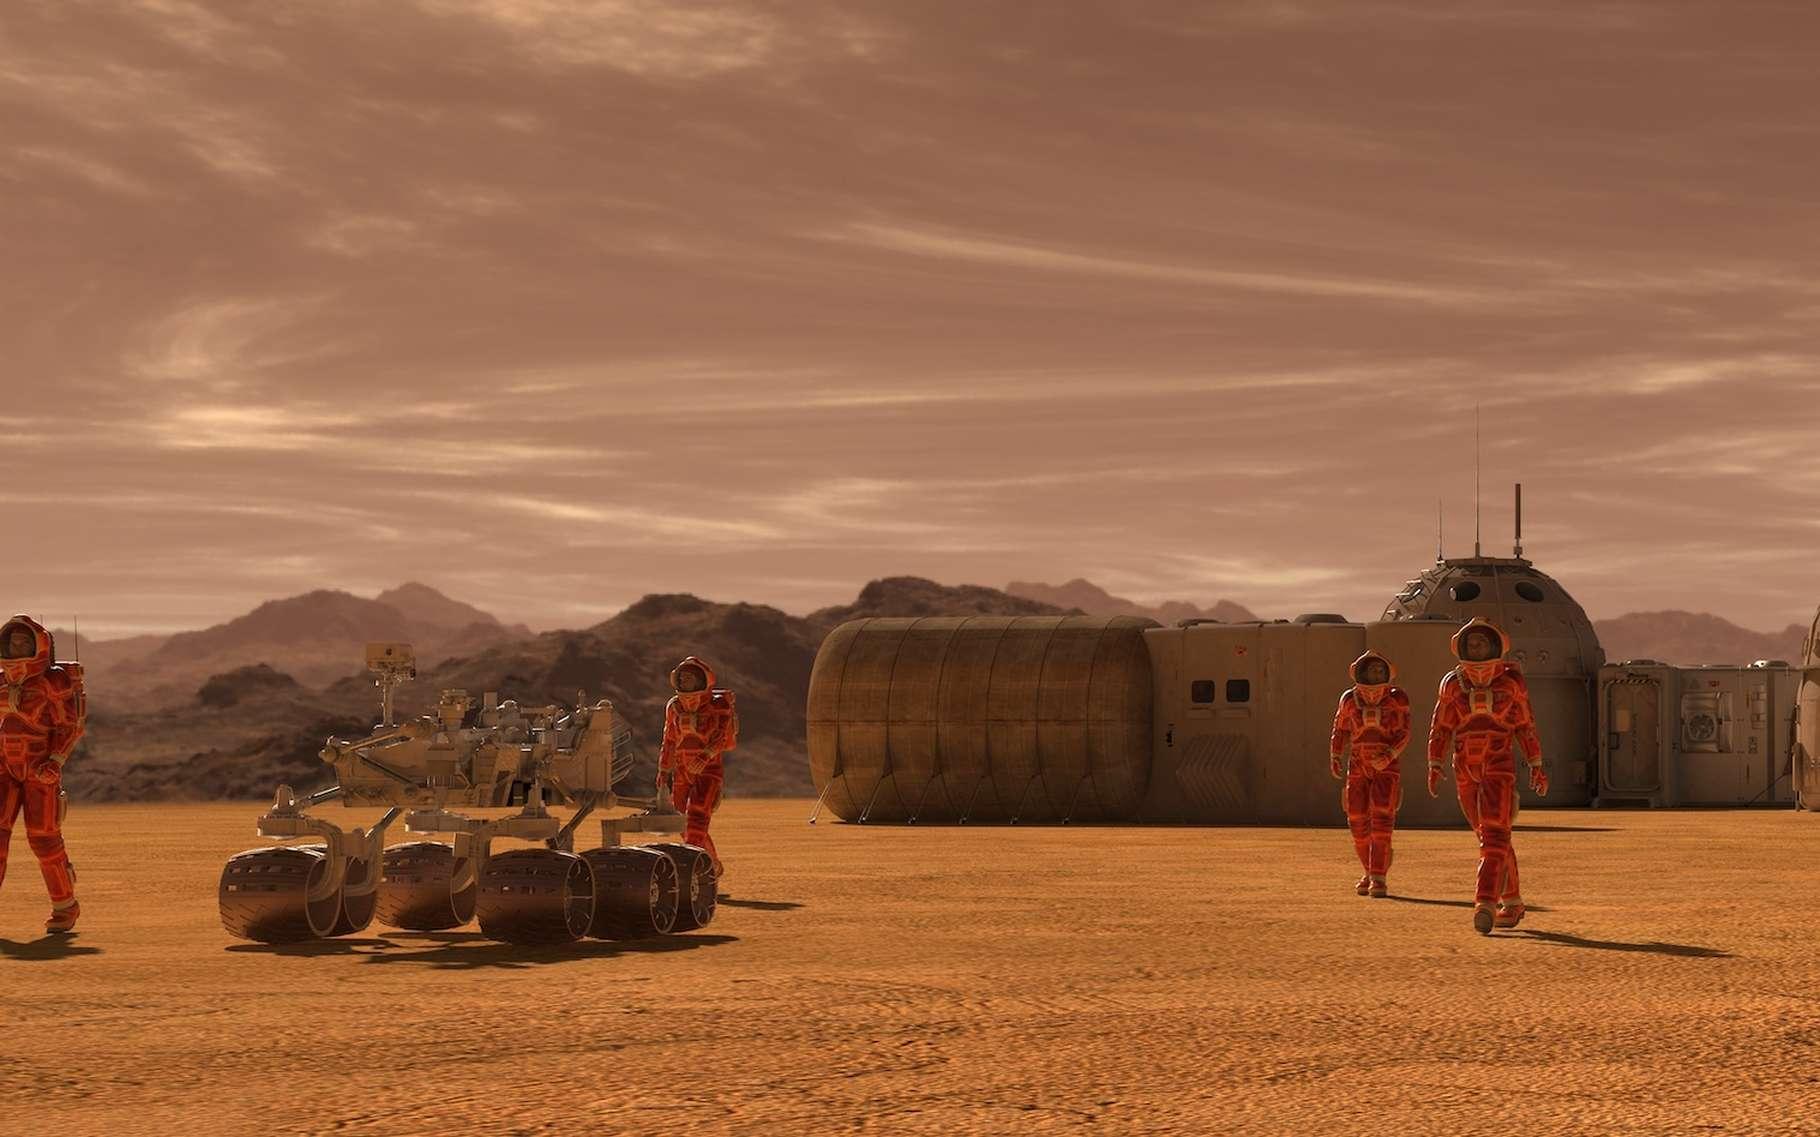 Pour assurer la survie d'une colonie installée sur Mars, il faudrait au moins 110 personnes et une société centrée sur la coopération. © elenaed, Adobe Stock